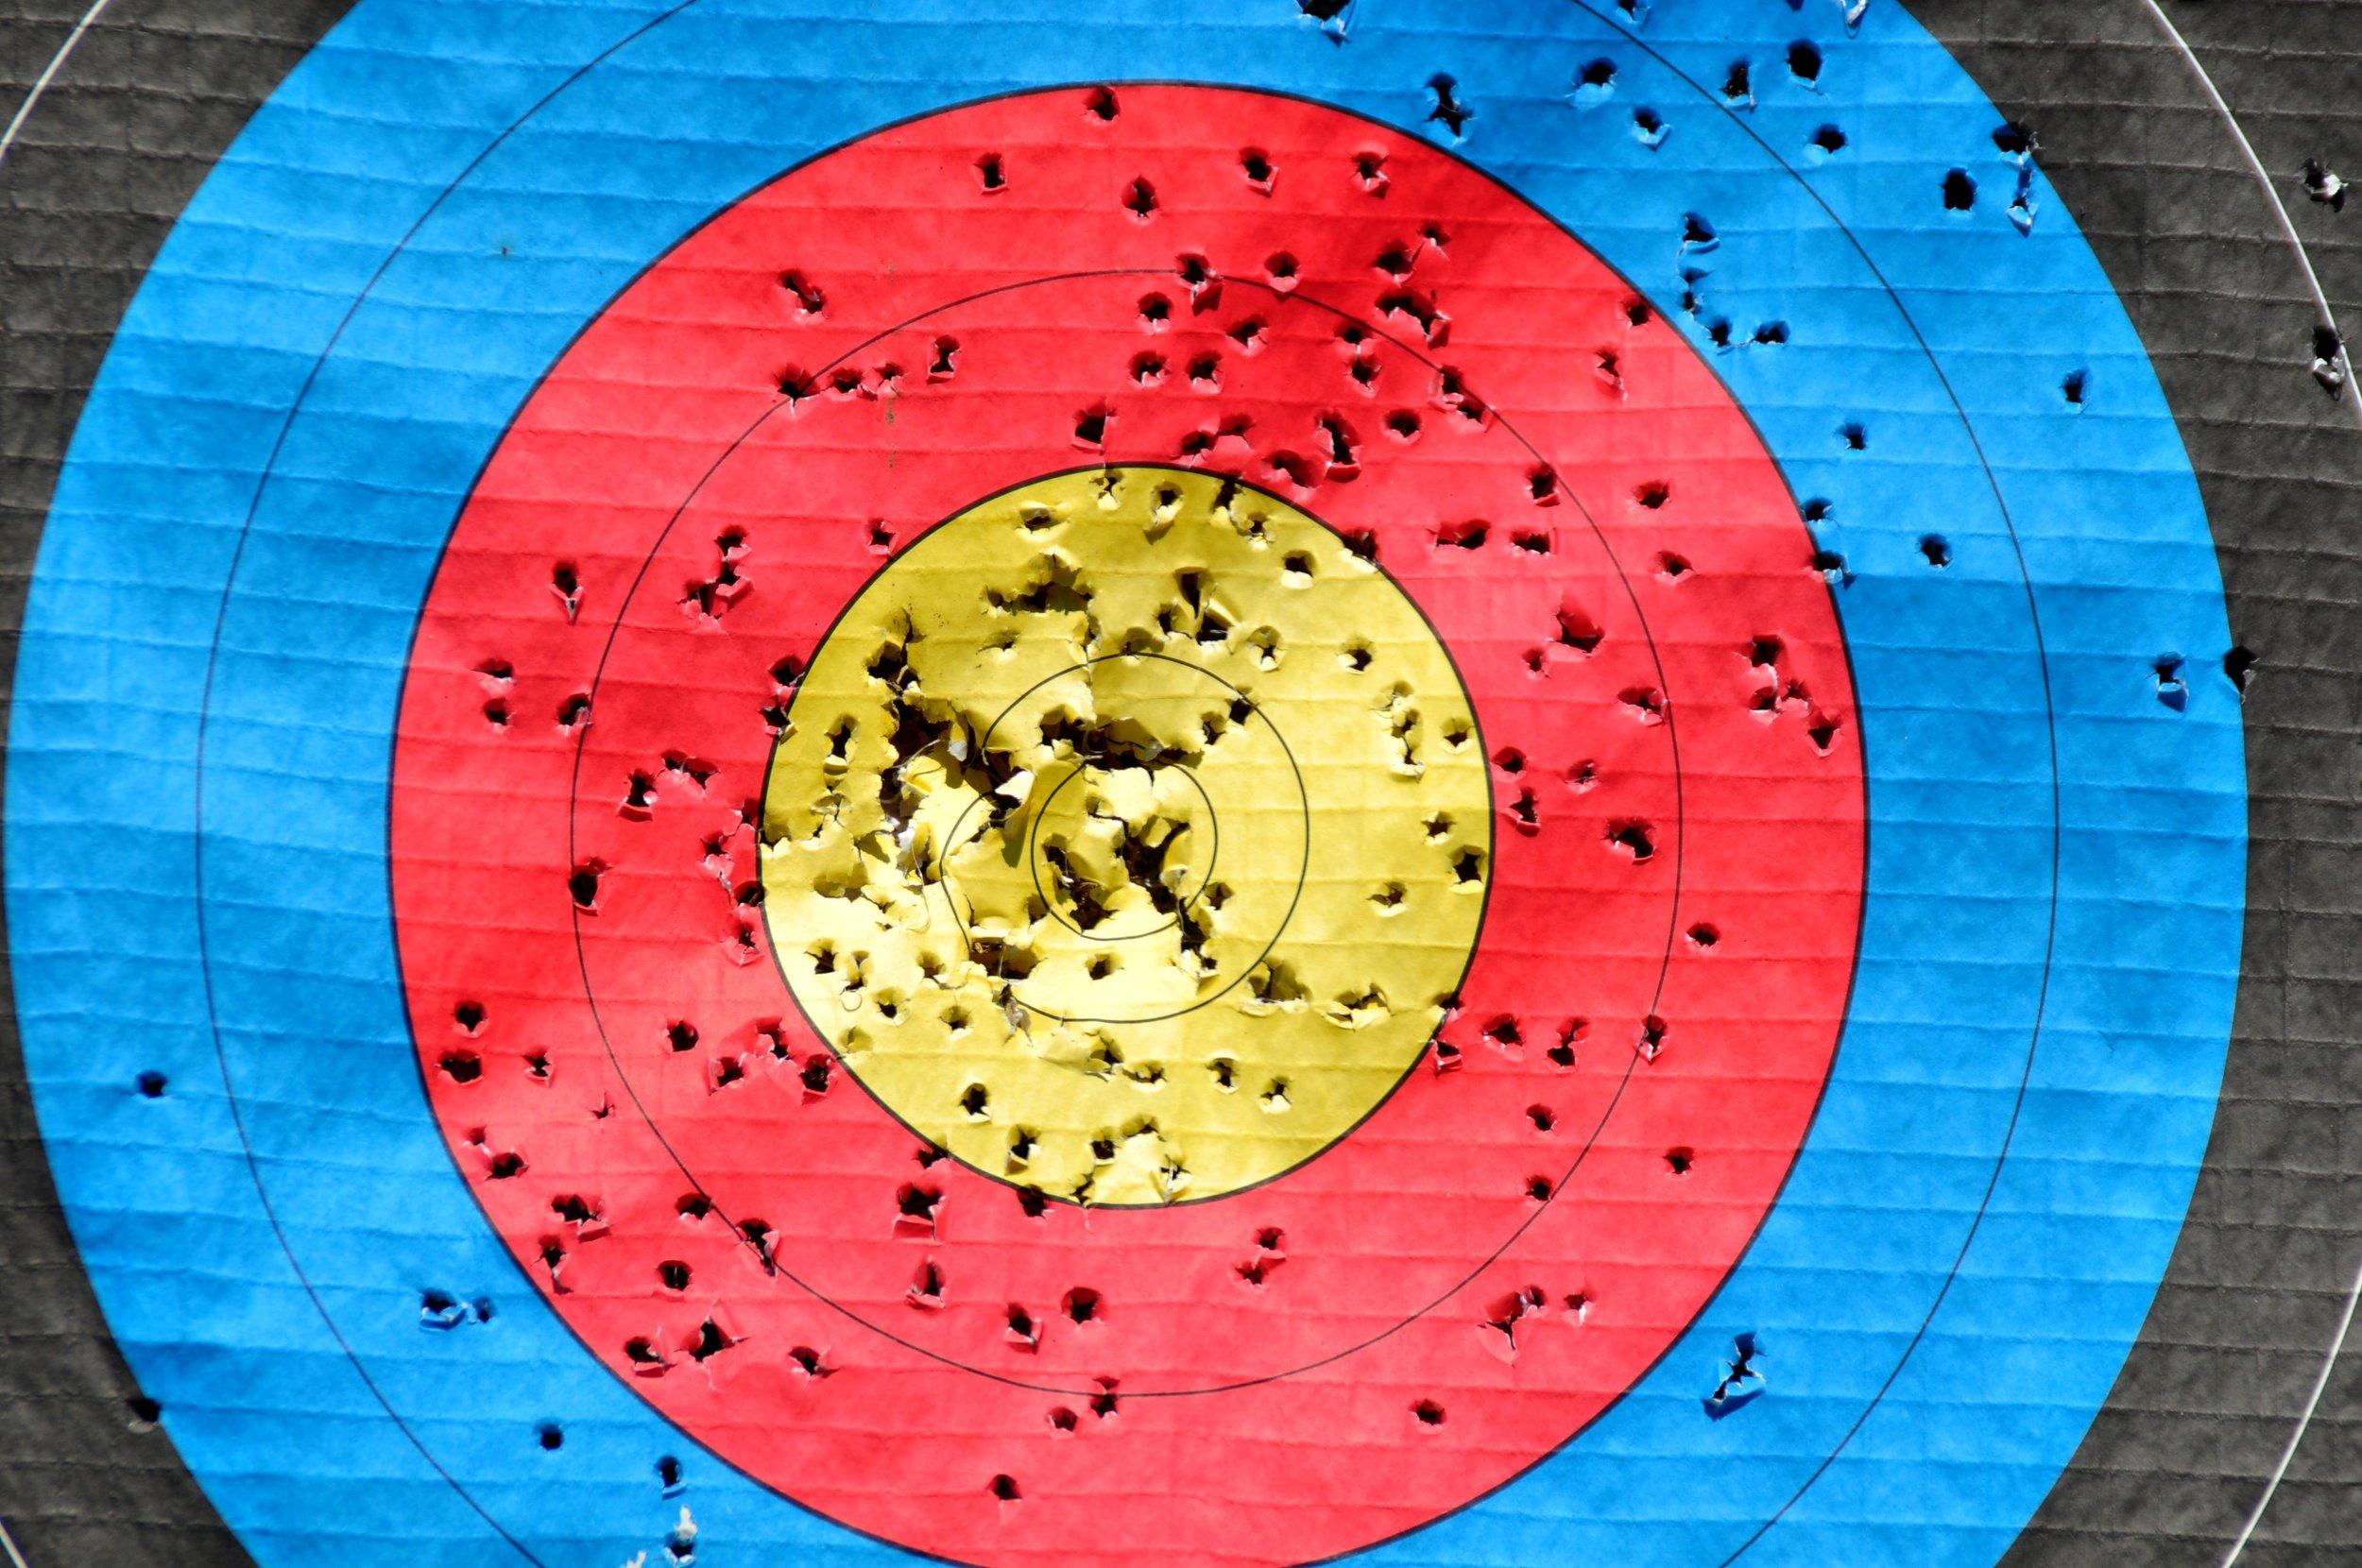 TIRO CON ARCO Y CERBATANA - Acércate la práctica de este divertido deporte. Tensa el arco, apunta y lanza la flecha para intentar dar en la diana. O si lo prefieres, prueba tus pulmones con la cerbatana.